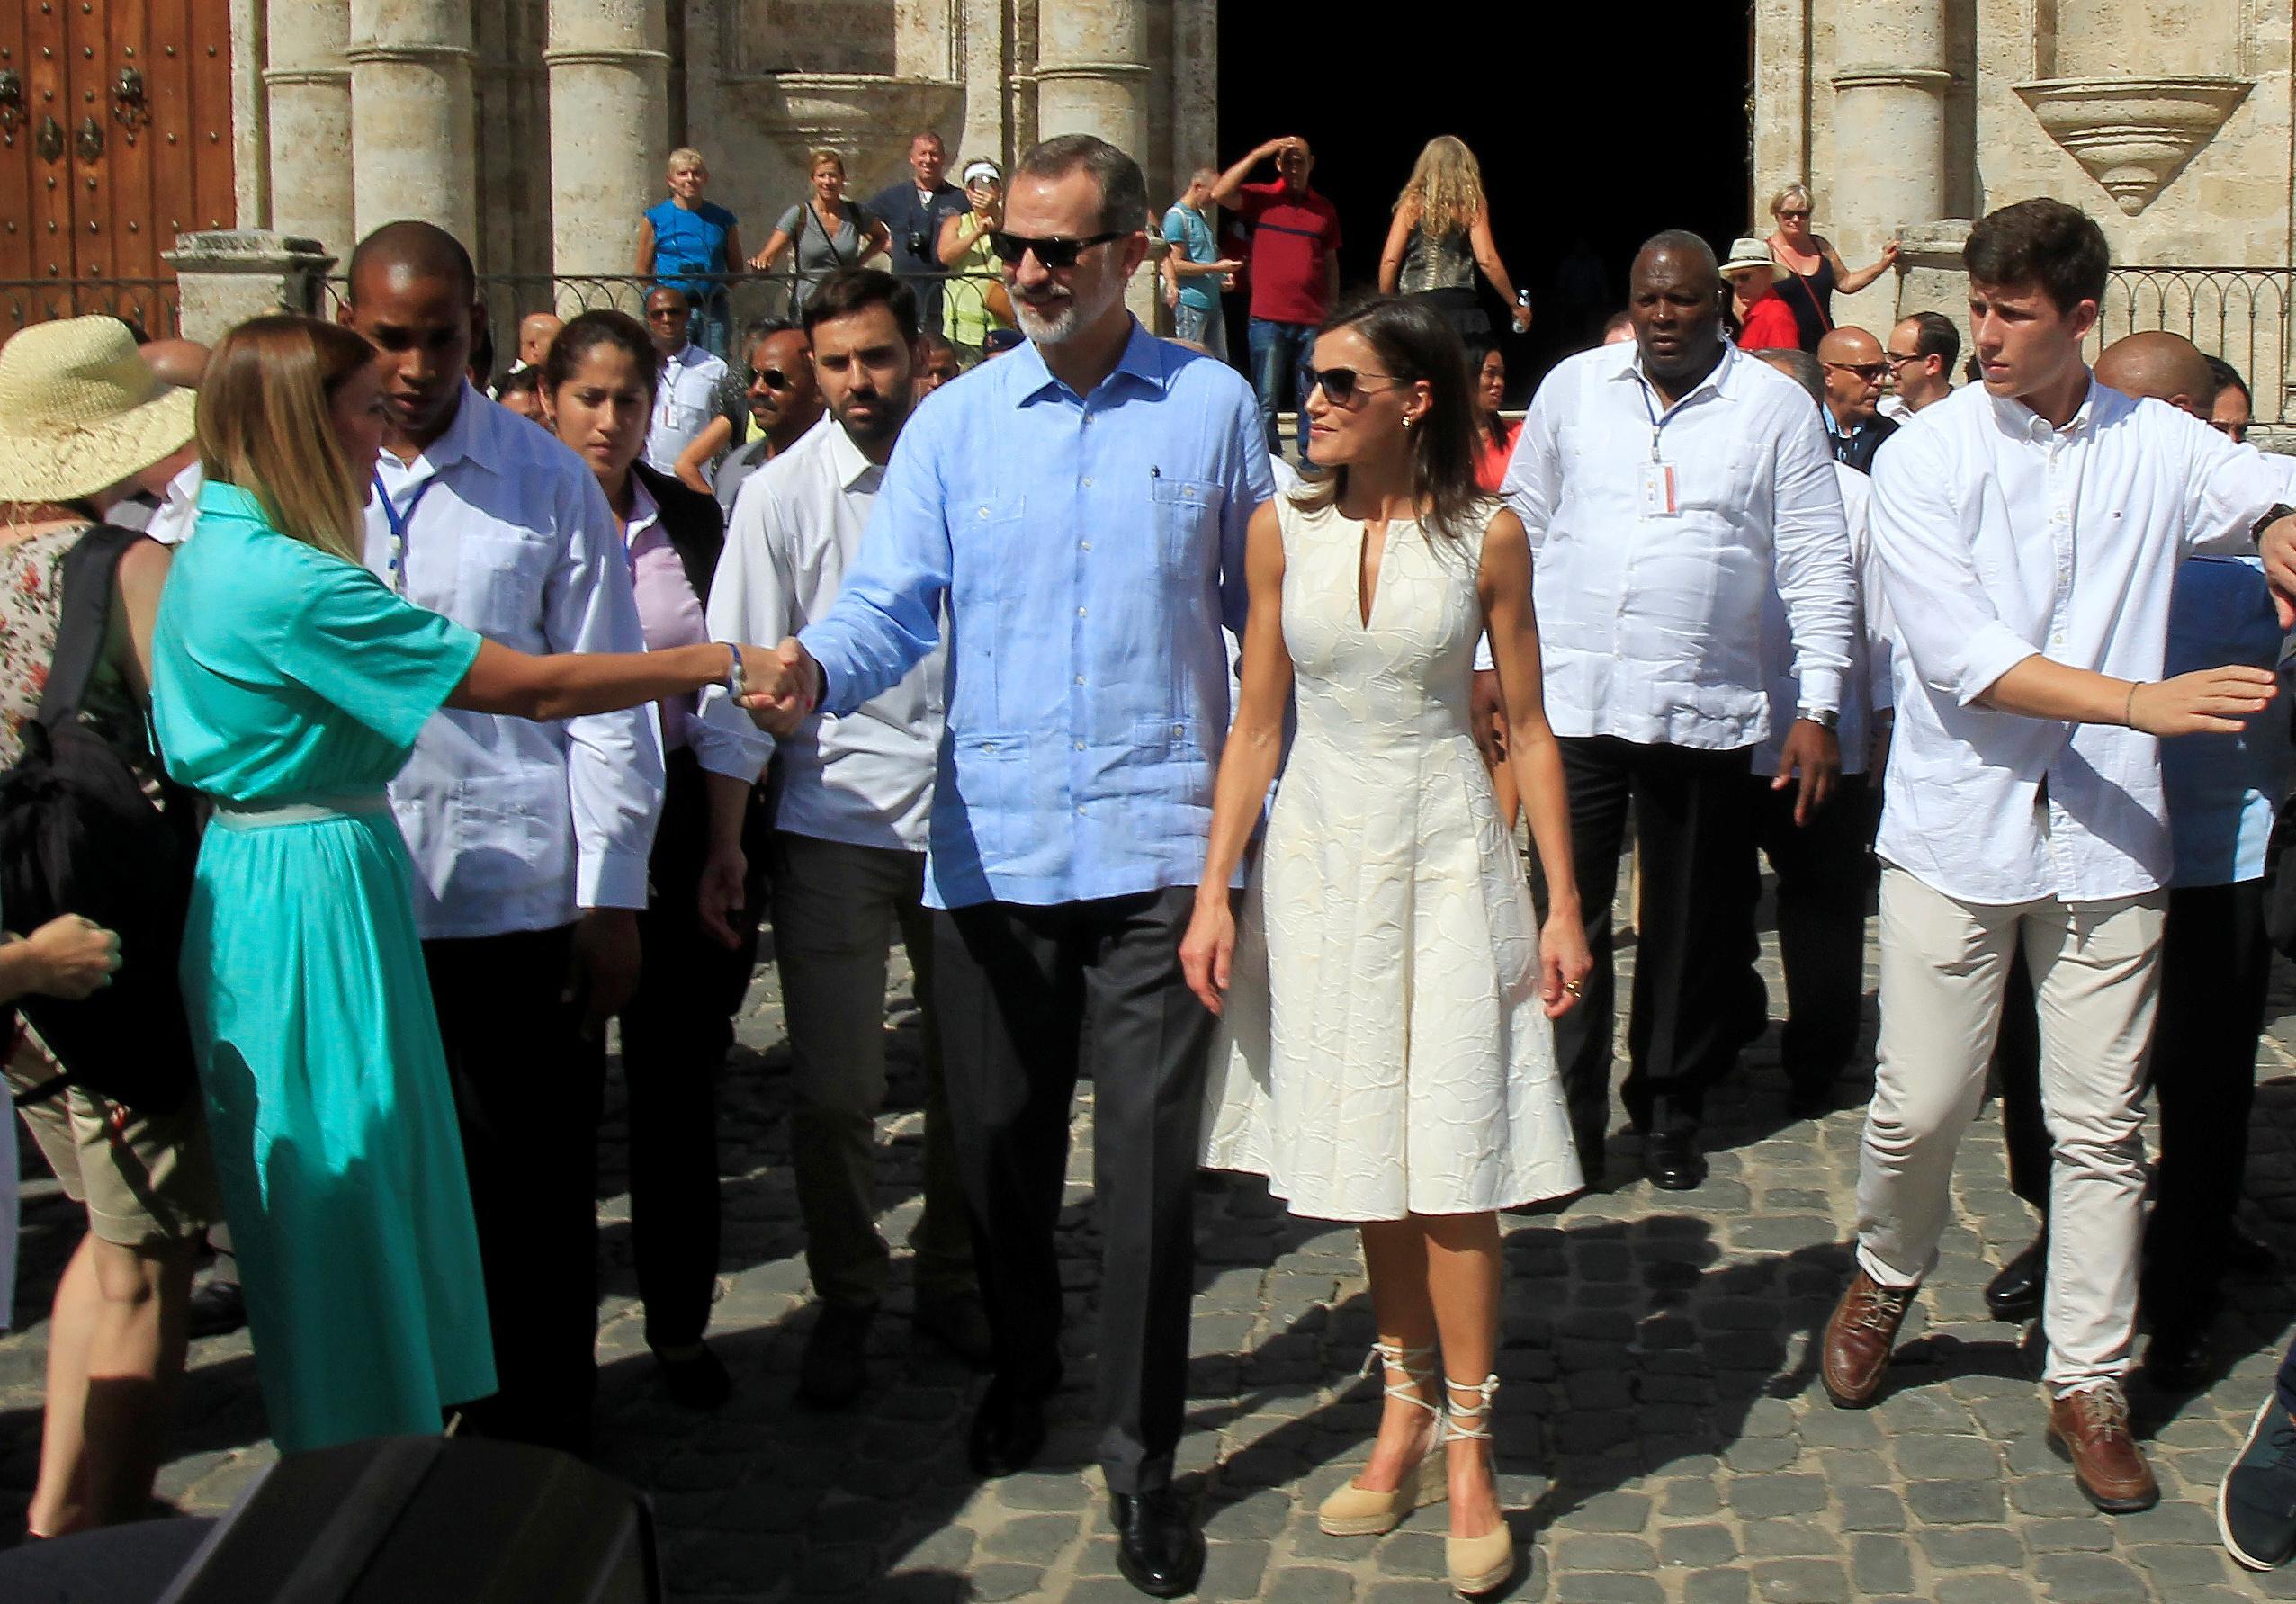 'Viva Felipe!': Communist-run Cuba welcomes Spanish king